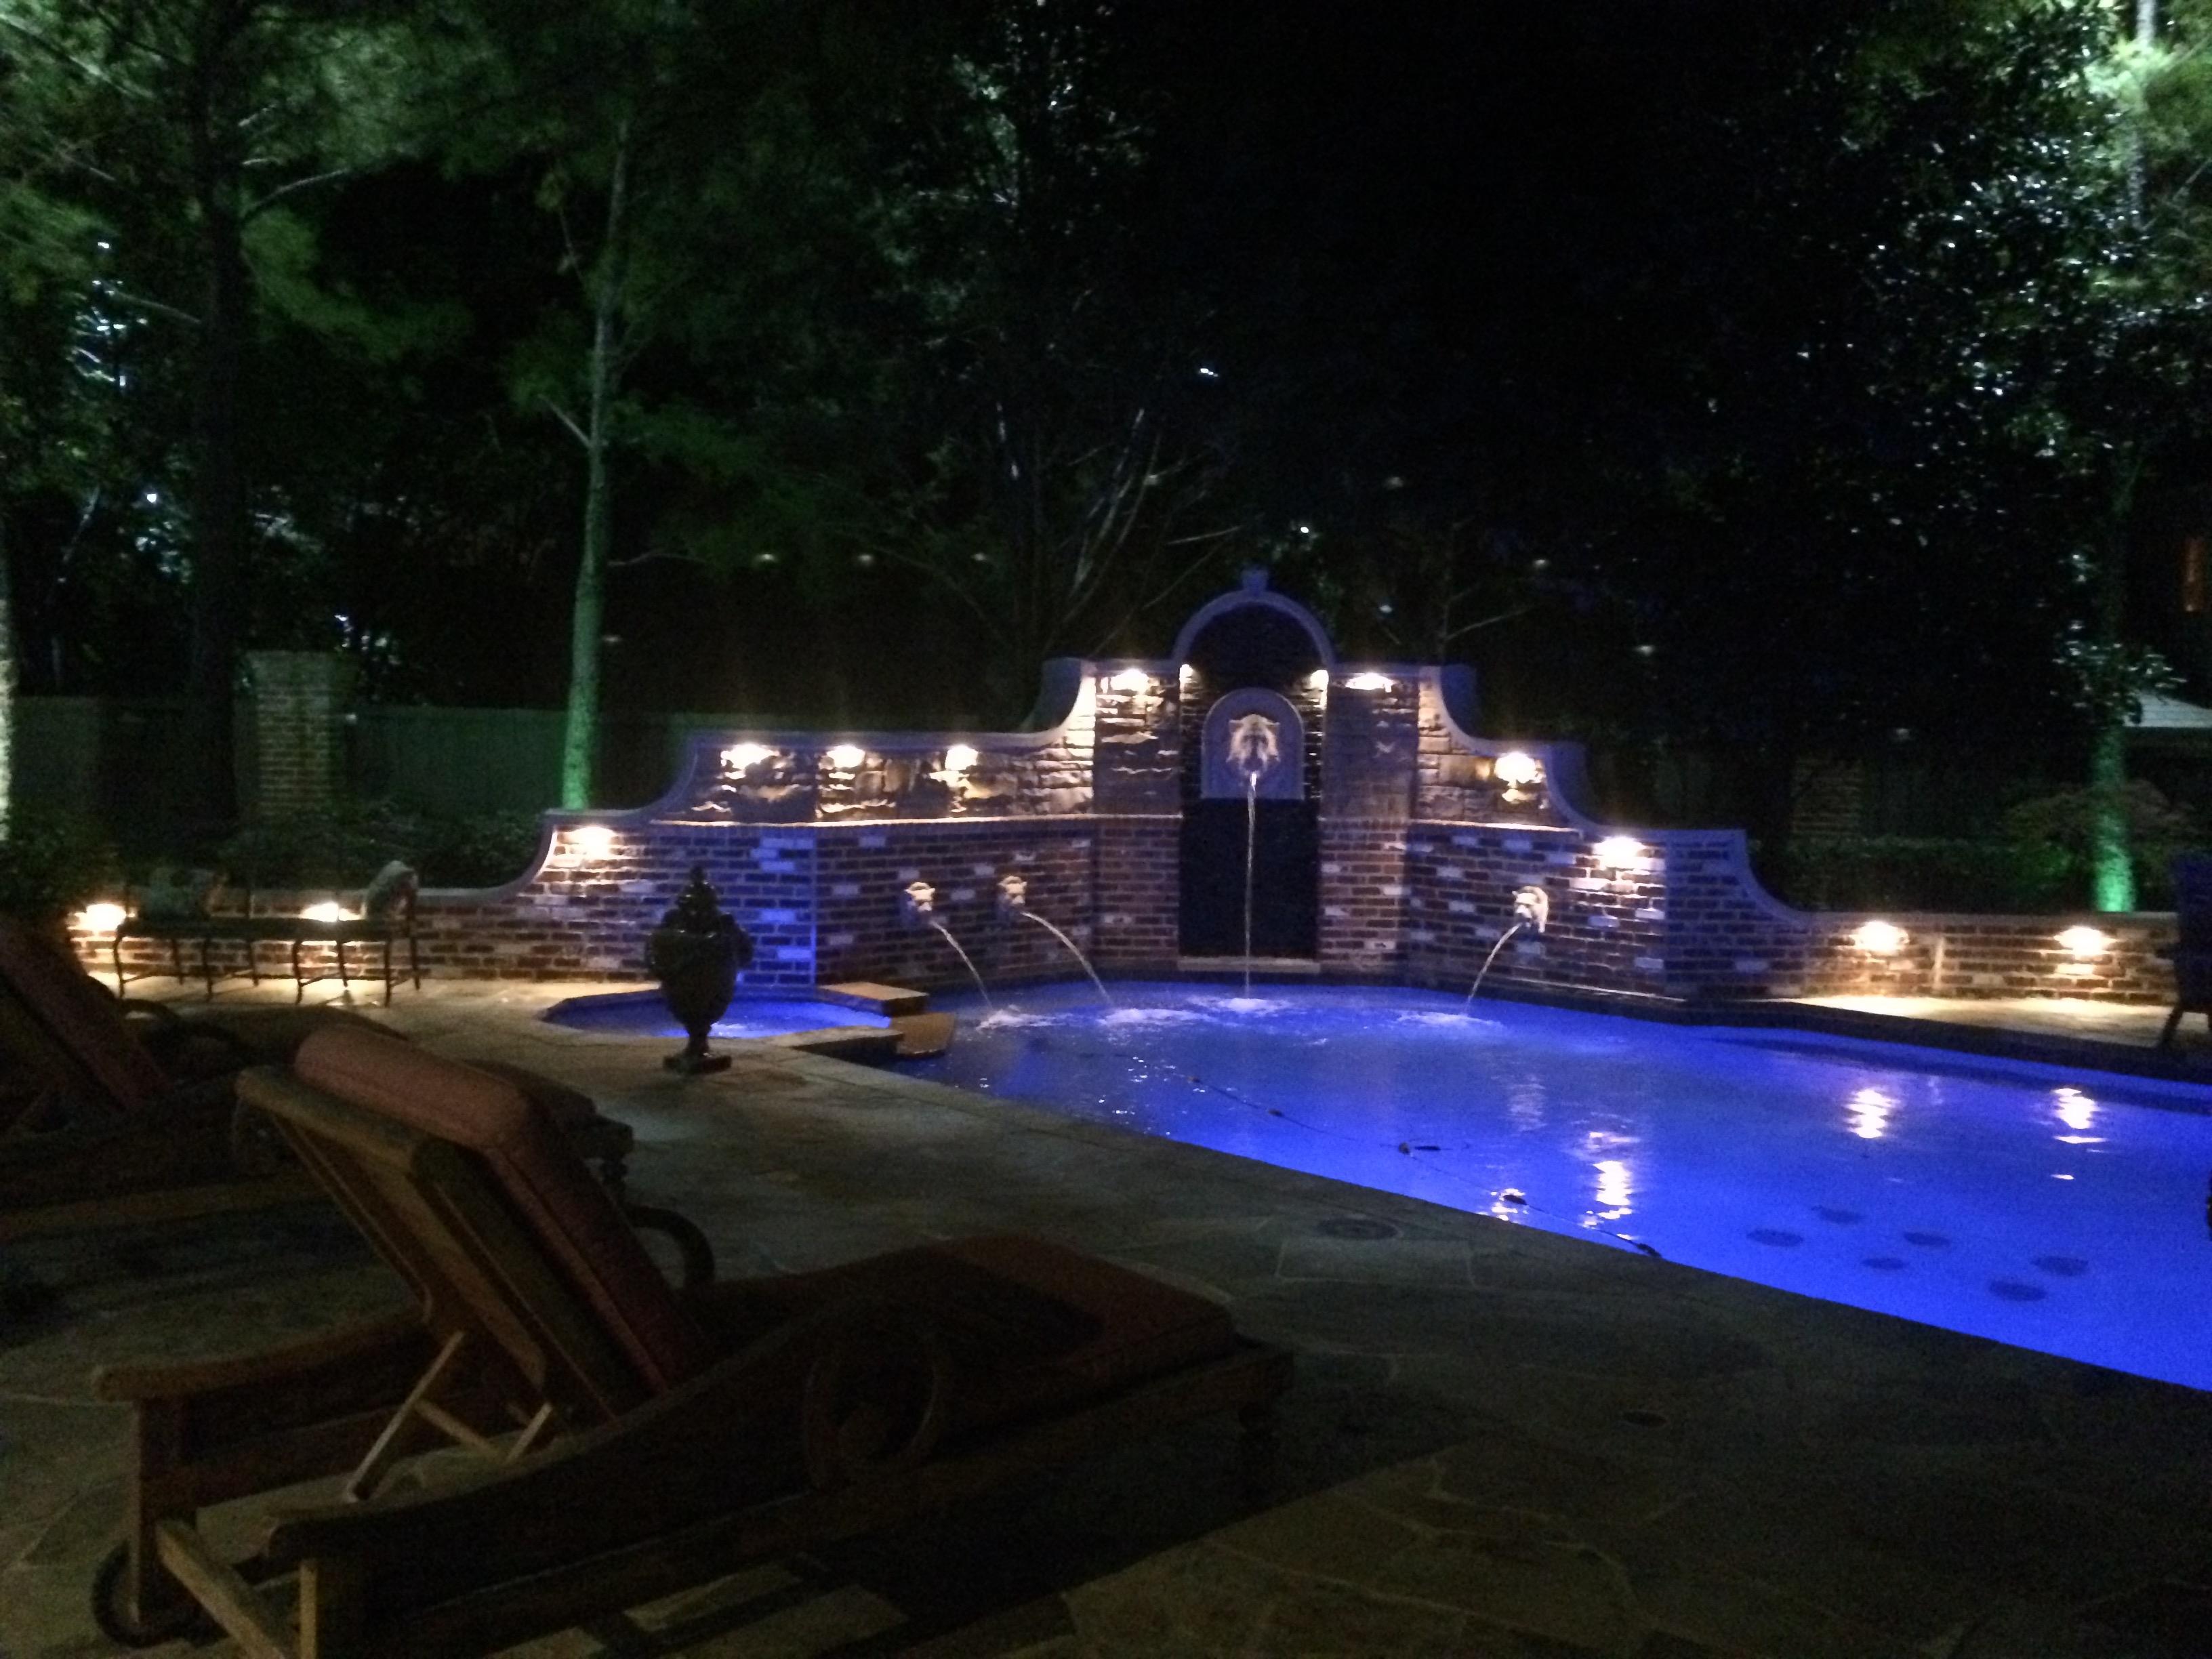 Frisco Landscape Lighting | Dallas Landscape Lighting inside Outdoor Lanterns for Poolside (Image 5 of 20)